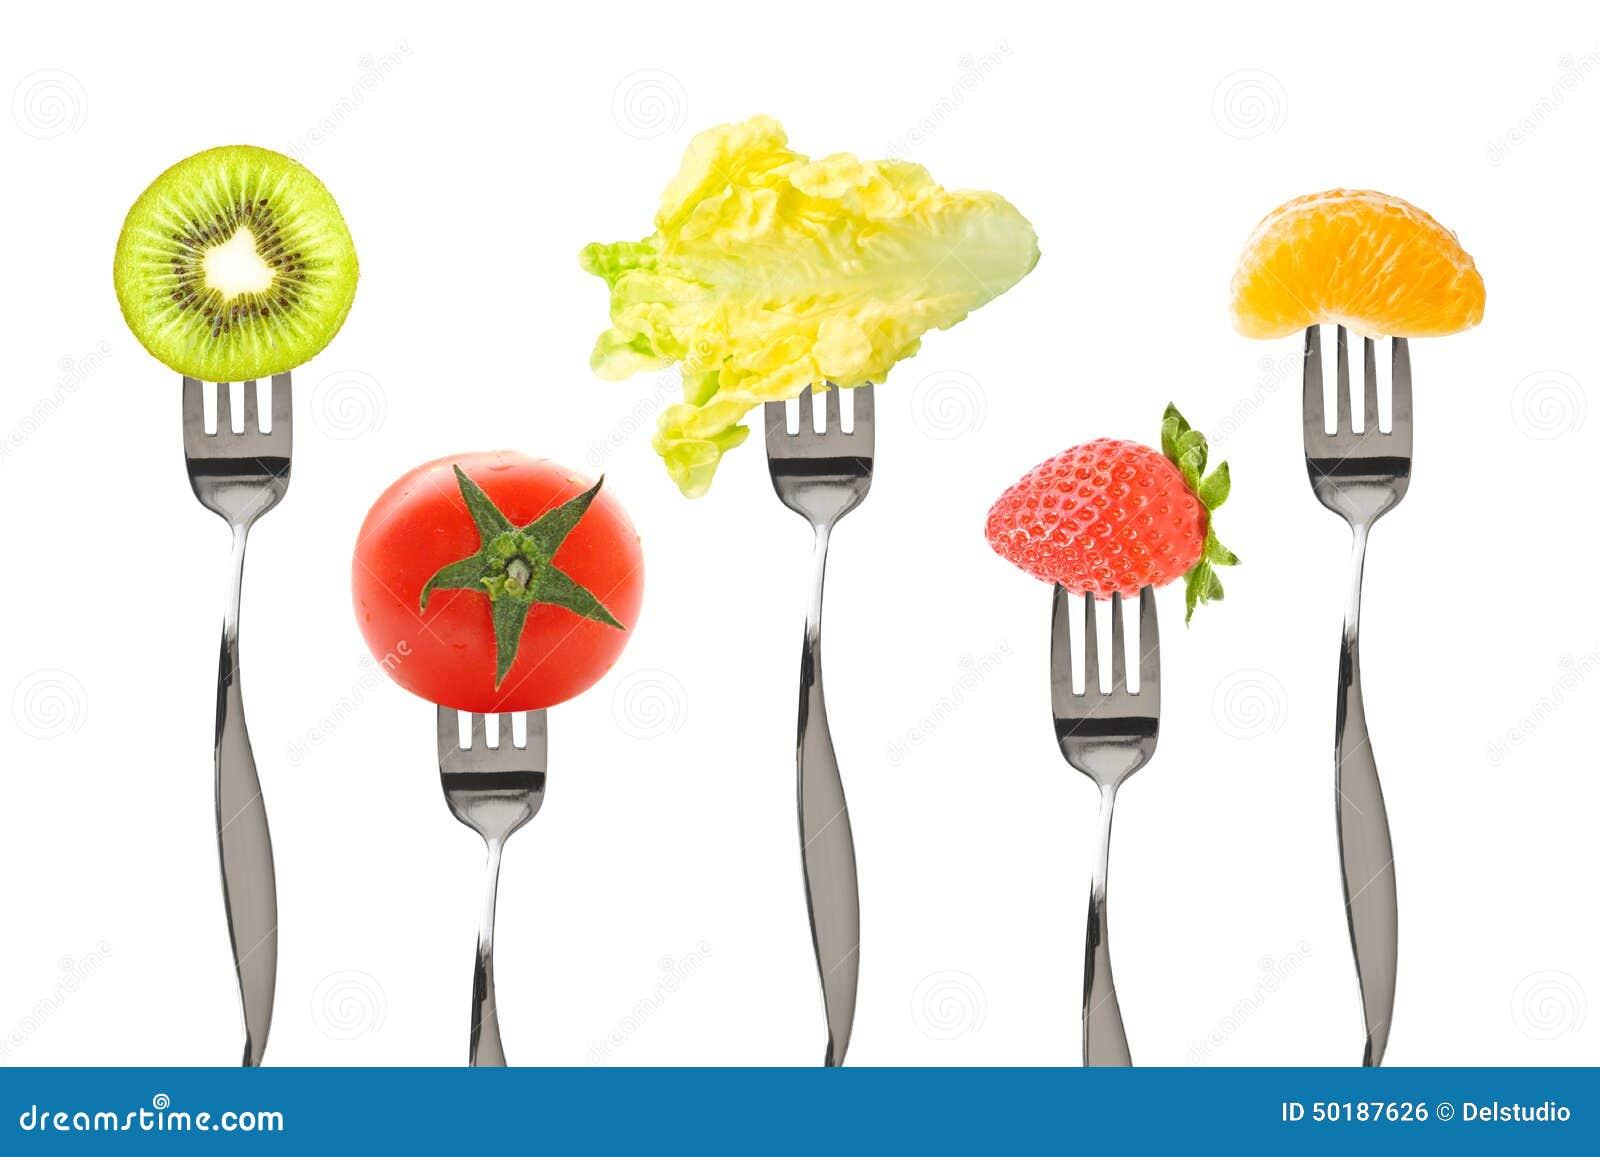 Fourchettes avec des fruits et l gumes photo stock image 50187626 - Fruits et legumes de a a z ...